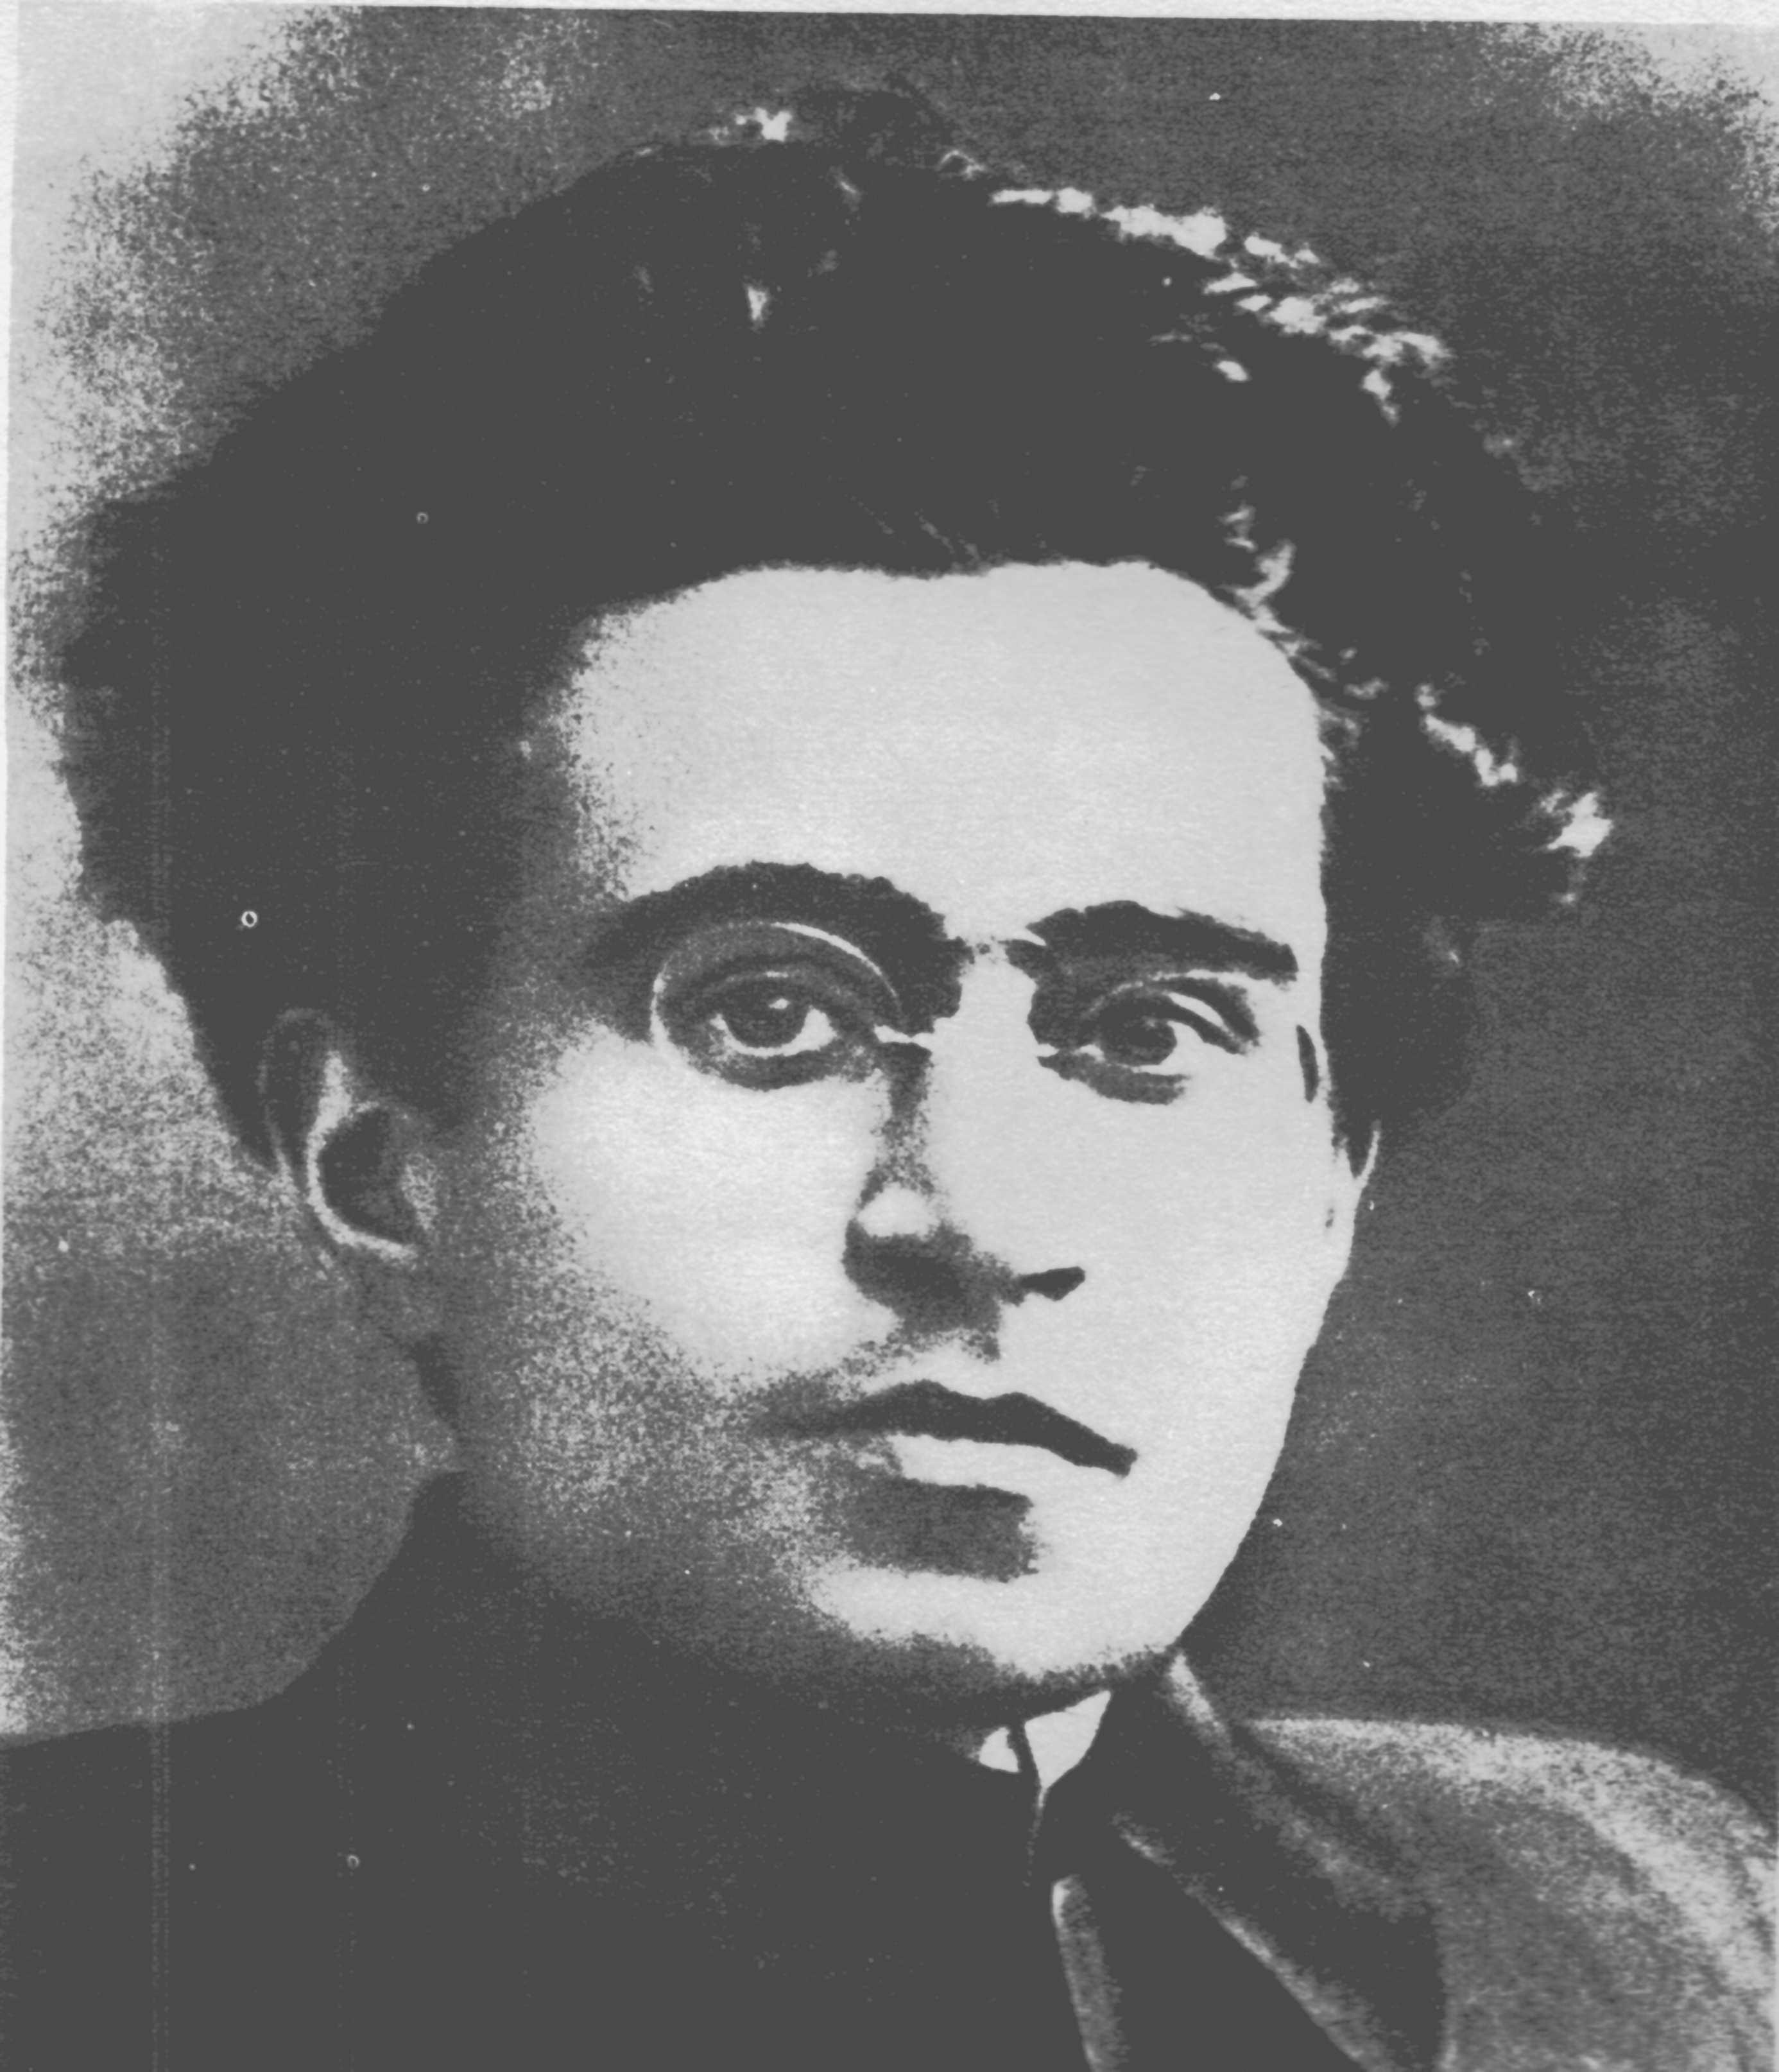 Gramsci: Il Fascismo si è presentato come l'anti-partito